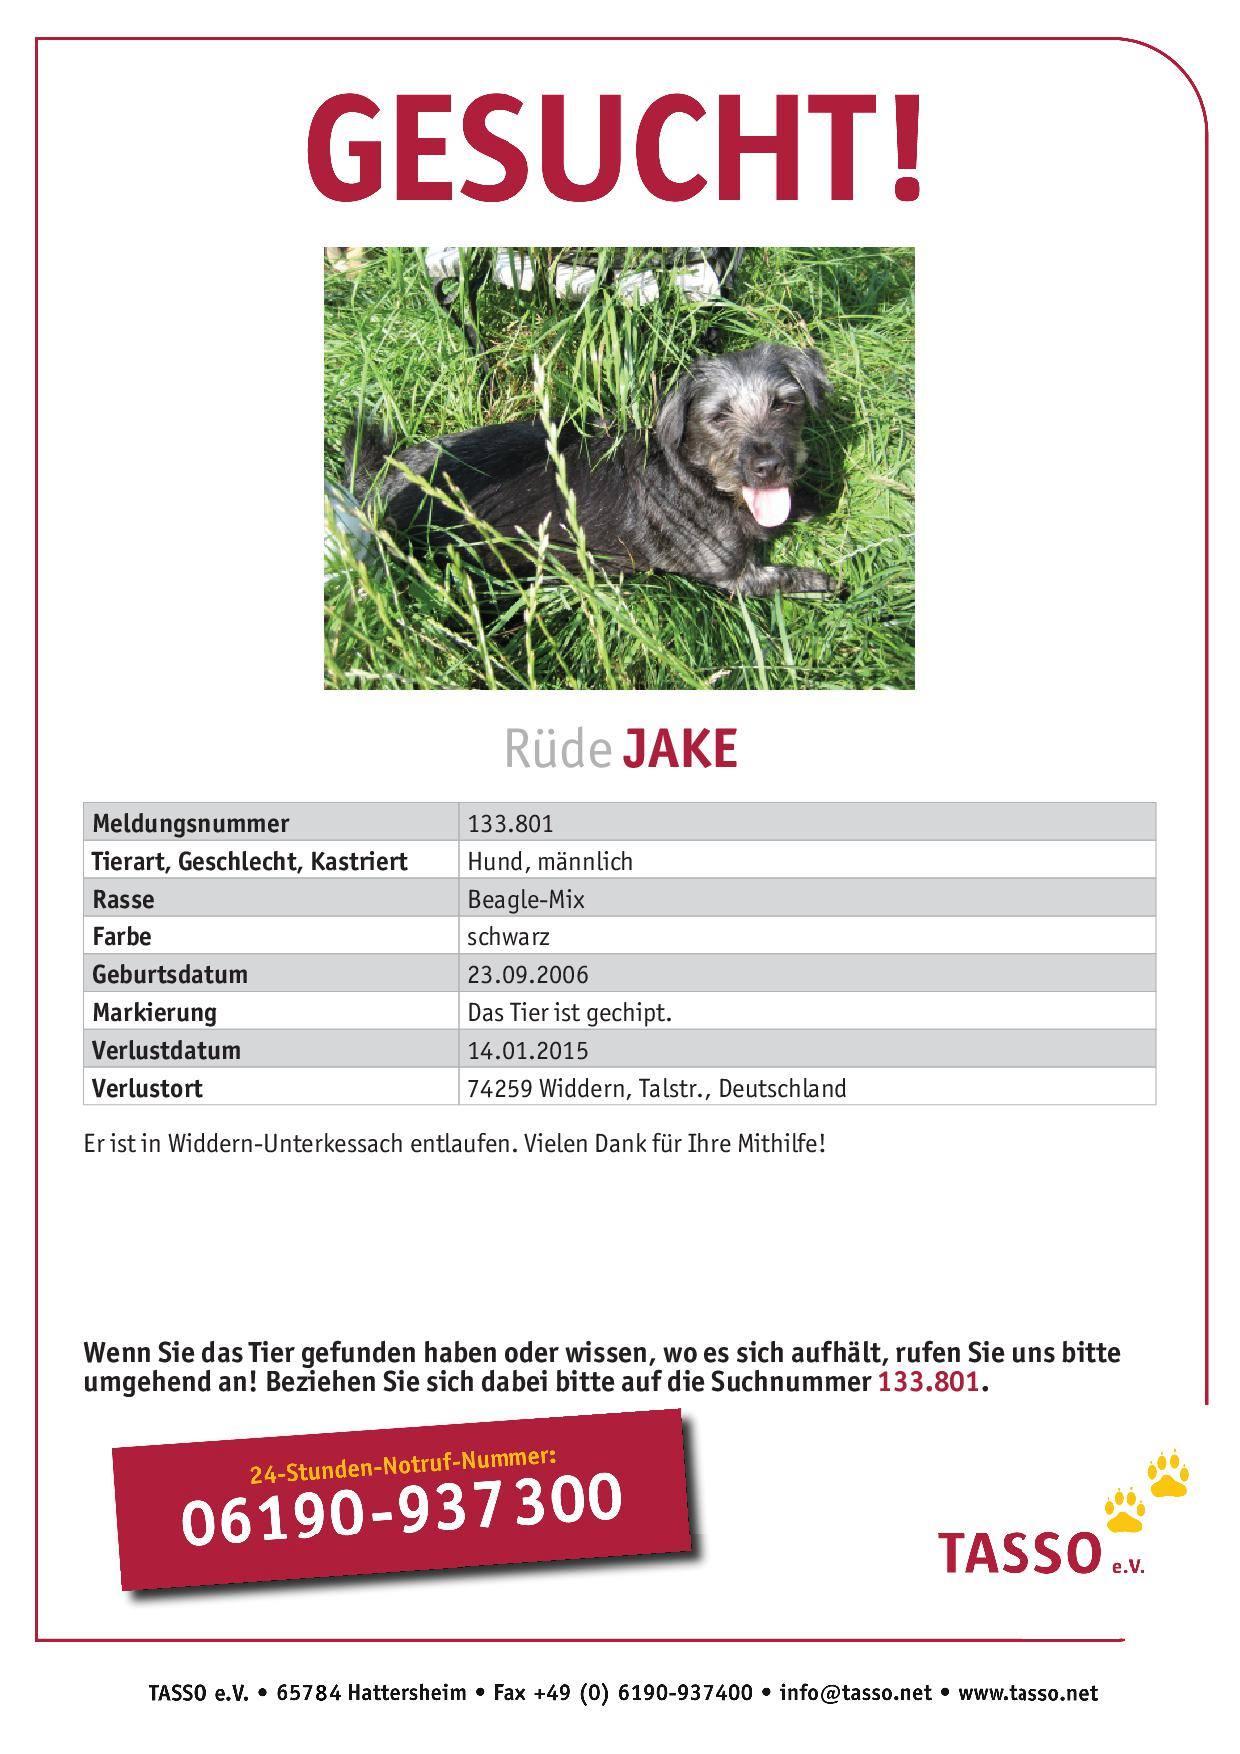 Beagle-Mix Jake in Widdern vermisst